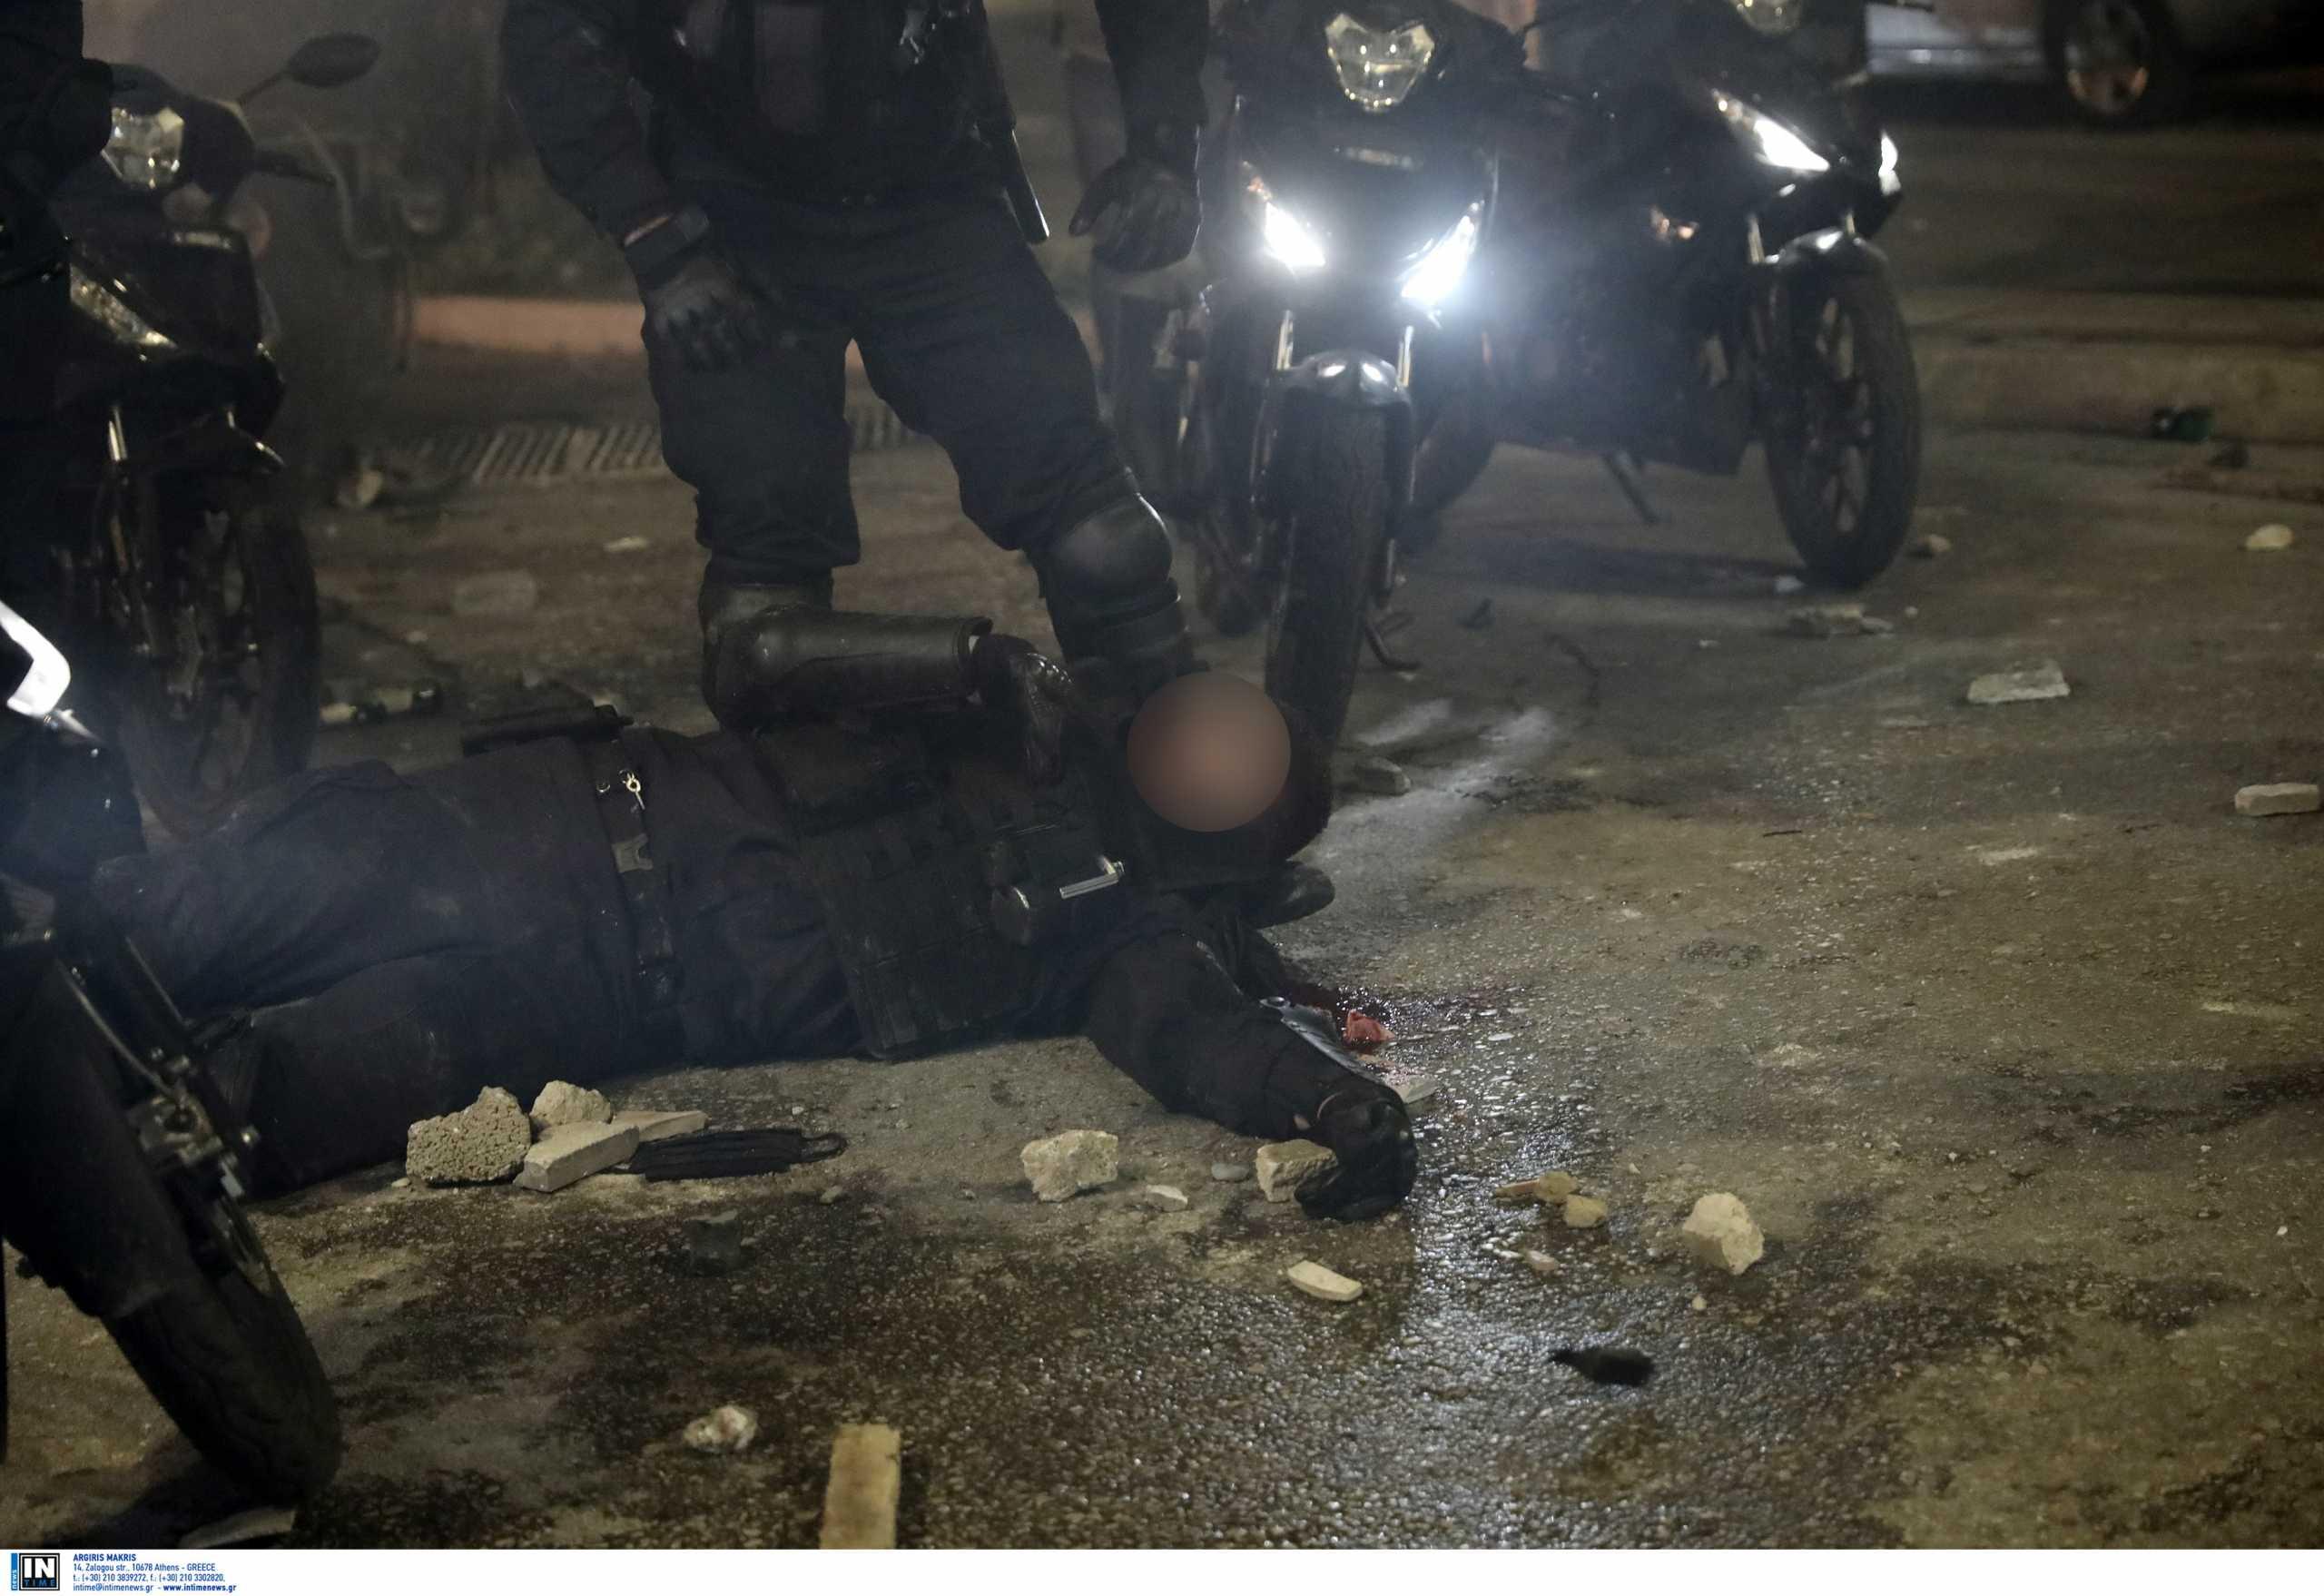 Νέα Σμύρνη: Καταδικάζει τον βαρύ τραυματισμό του αστυνομικού ο πρόεδρος του ΔΣΑ